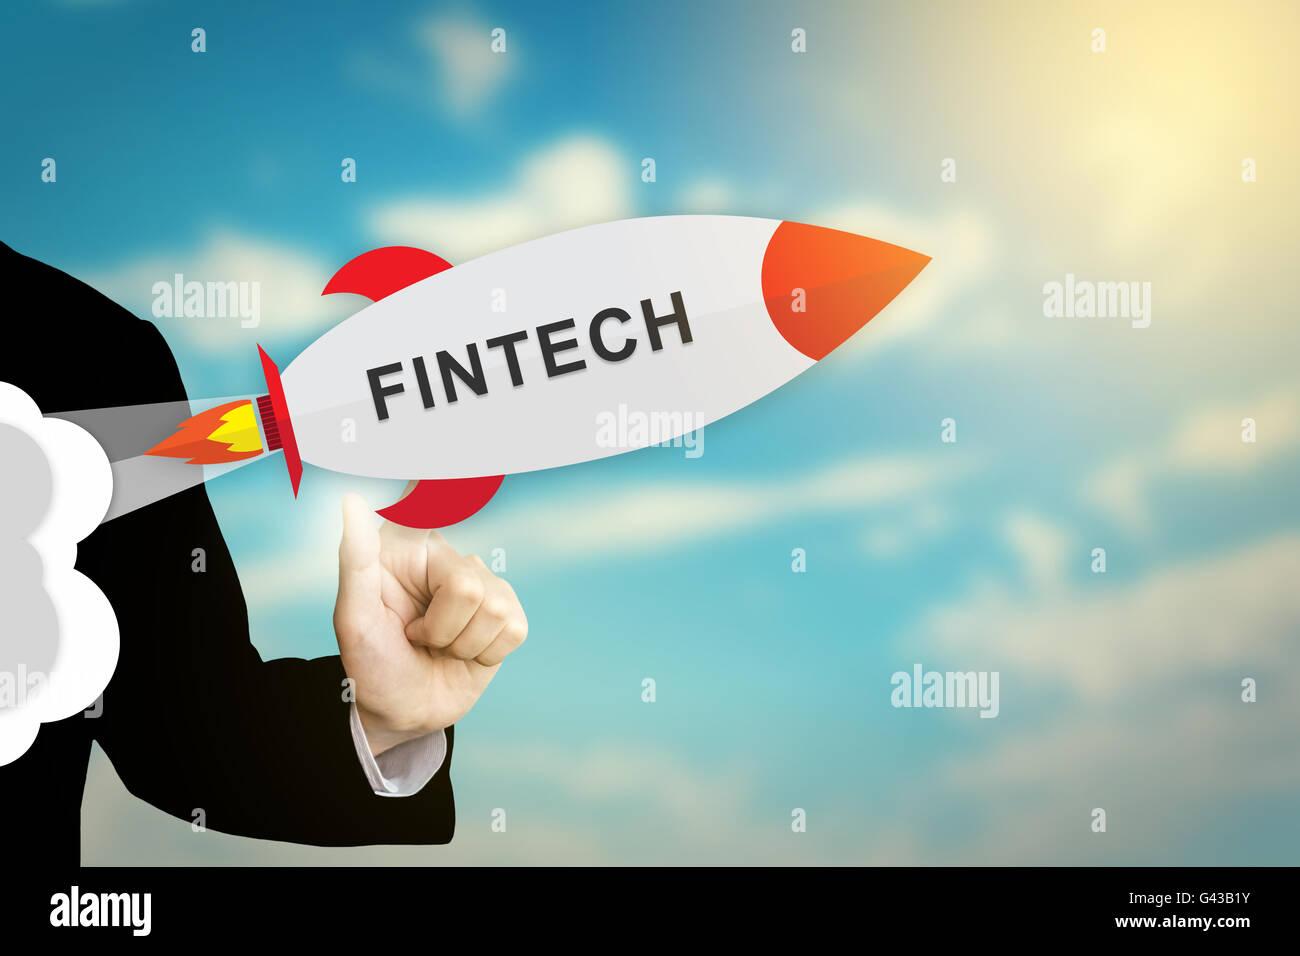 Unternehmen der Hand anklicken Fintech oder Finanztechnologie flache Bauweise Rakete Stockbild